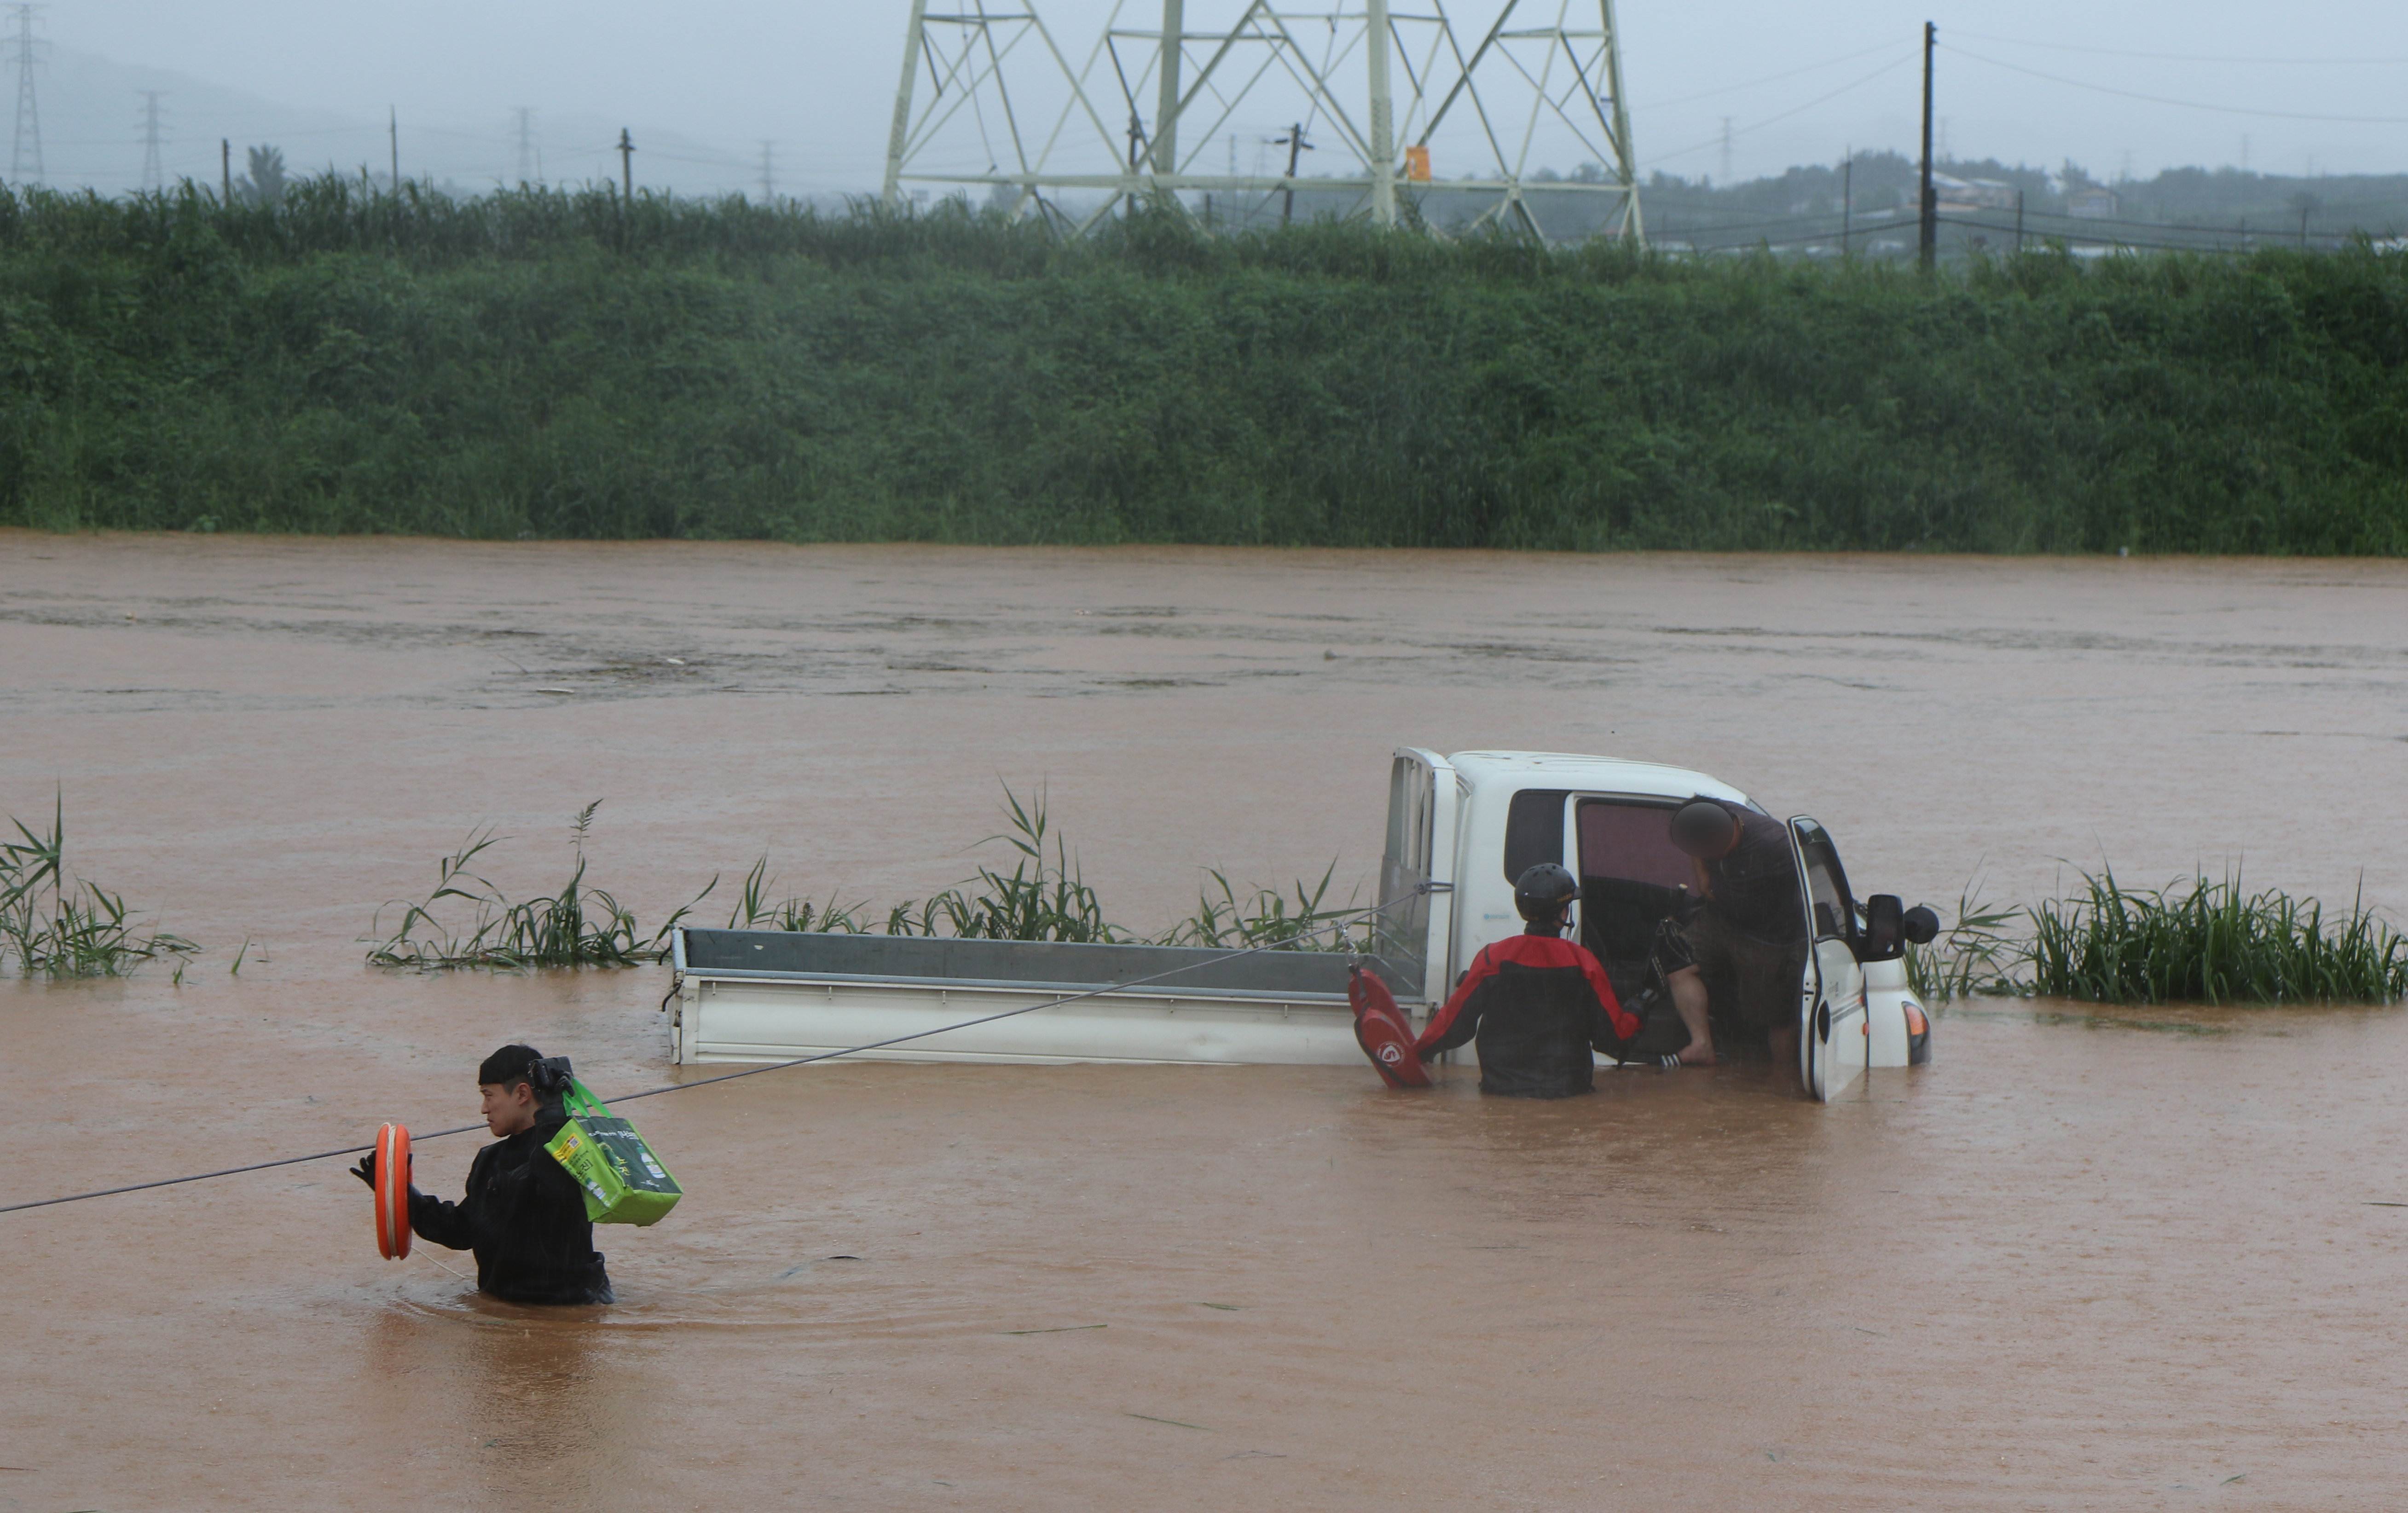 익산서 농로 지나던 트럭 물에 잠겨